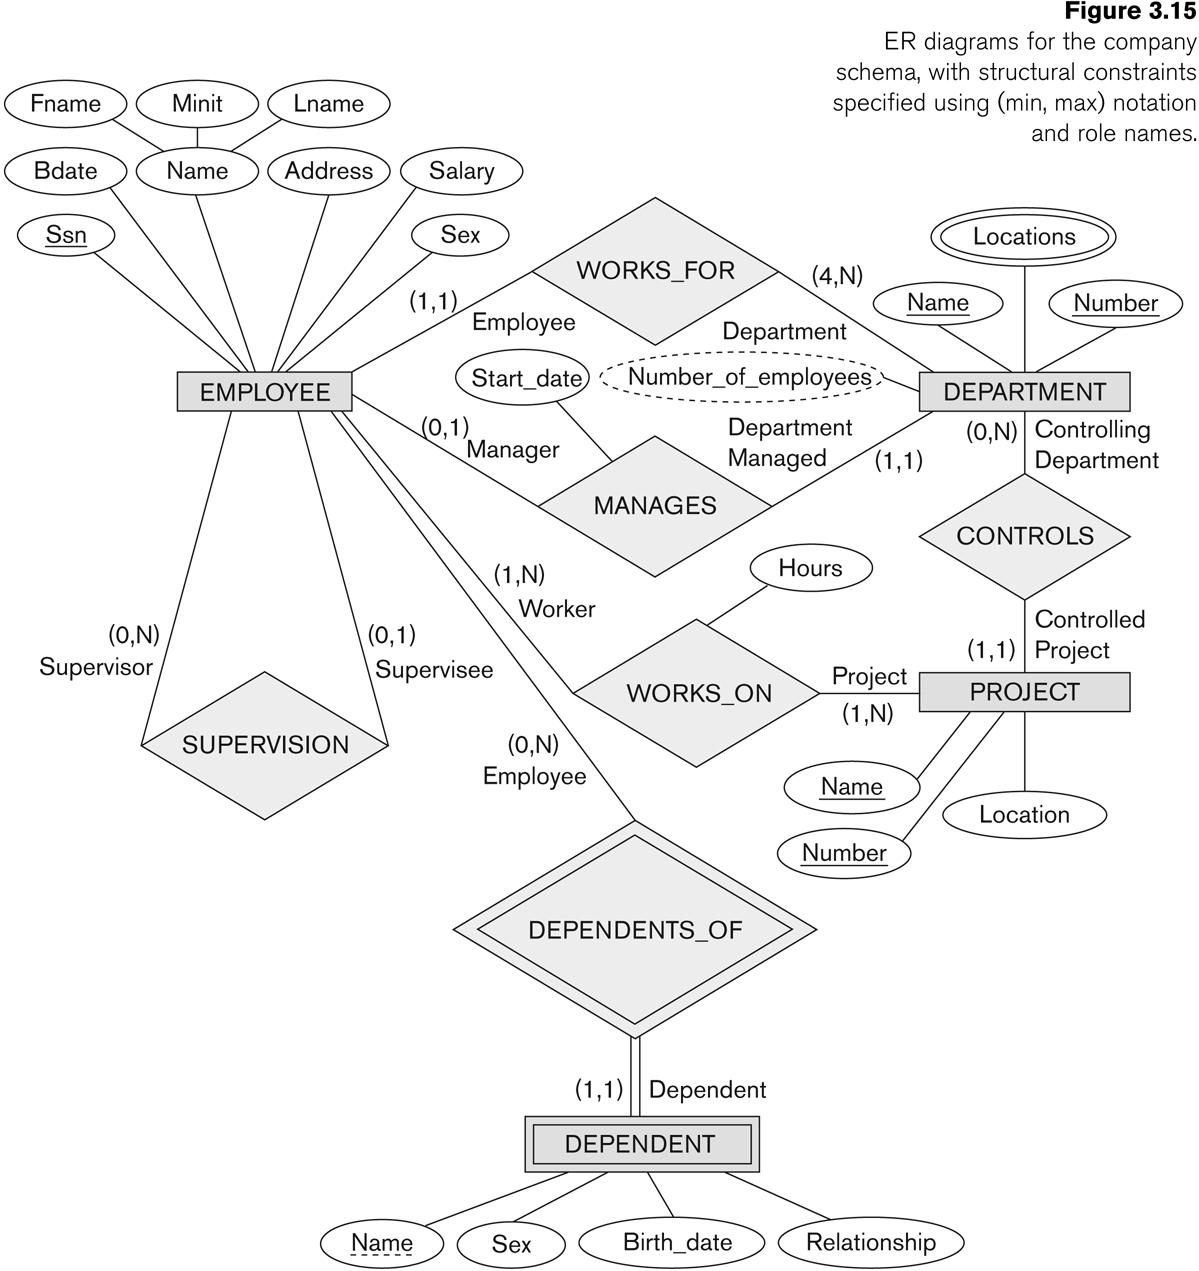 Entity-Relationship Modeling for Er Diagram 0..*